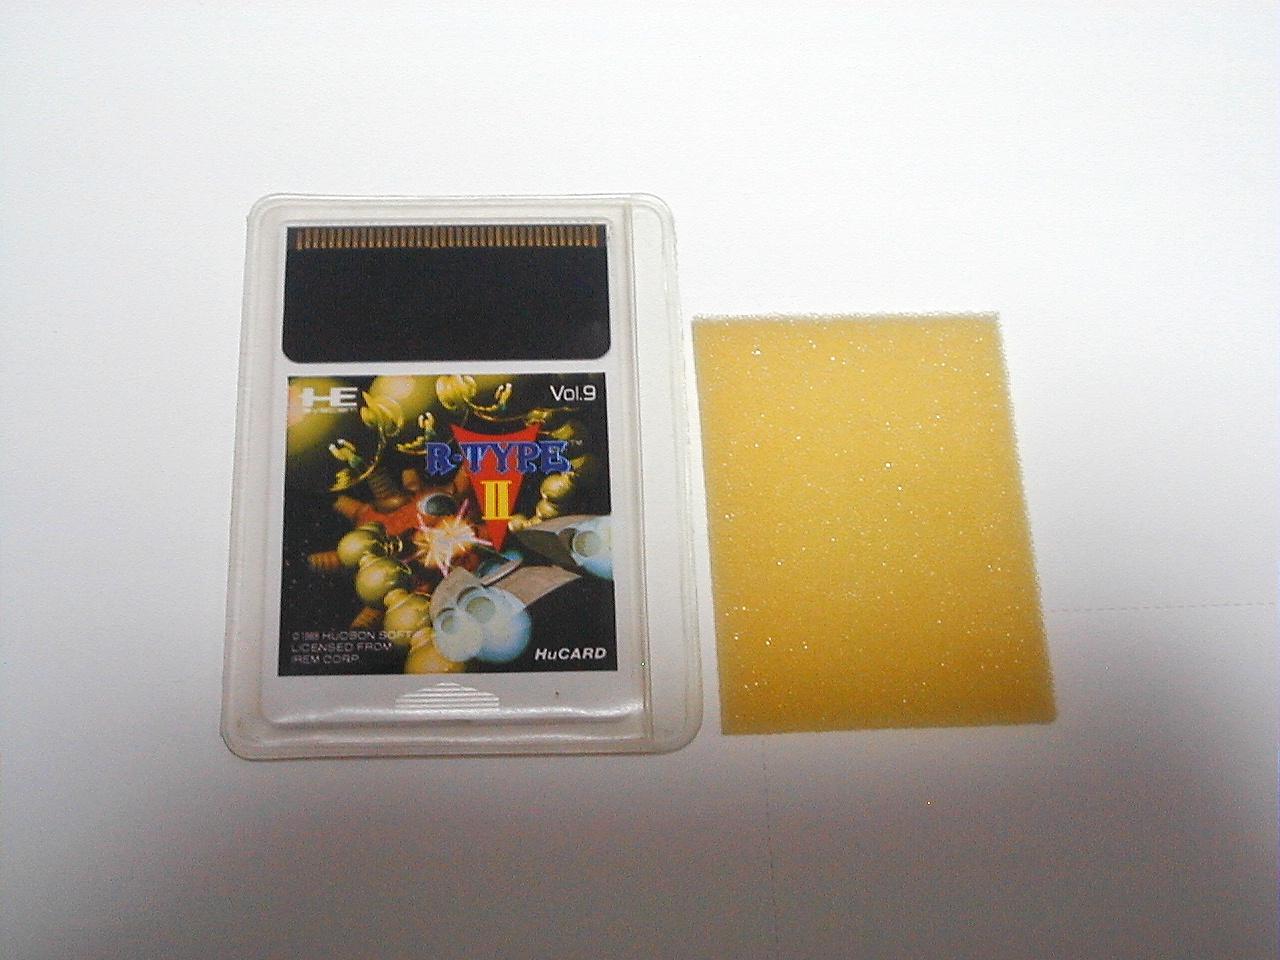 cd_sponge011.jpg